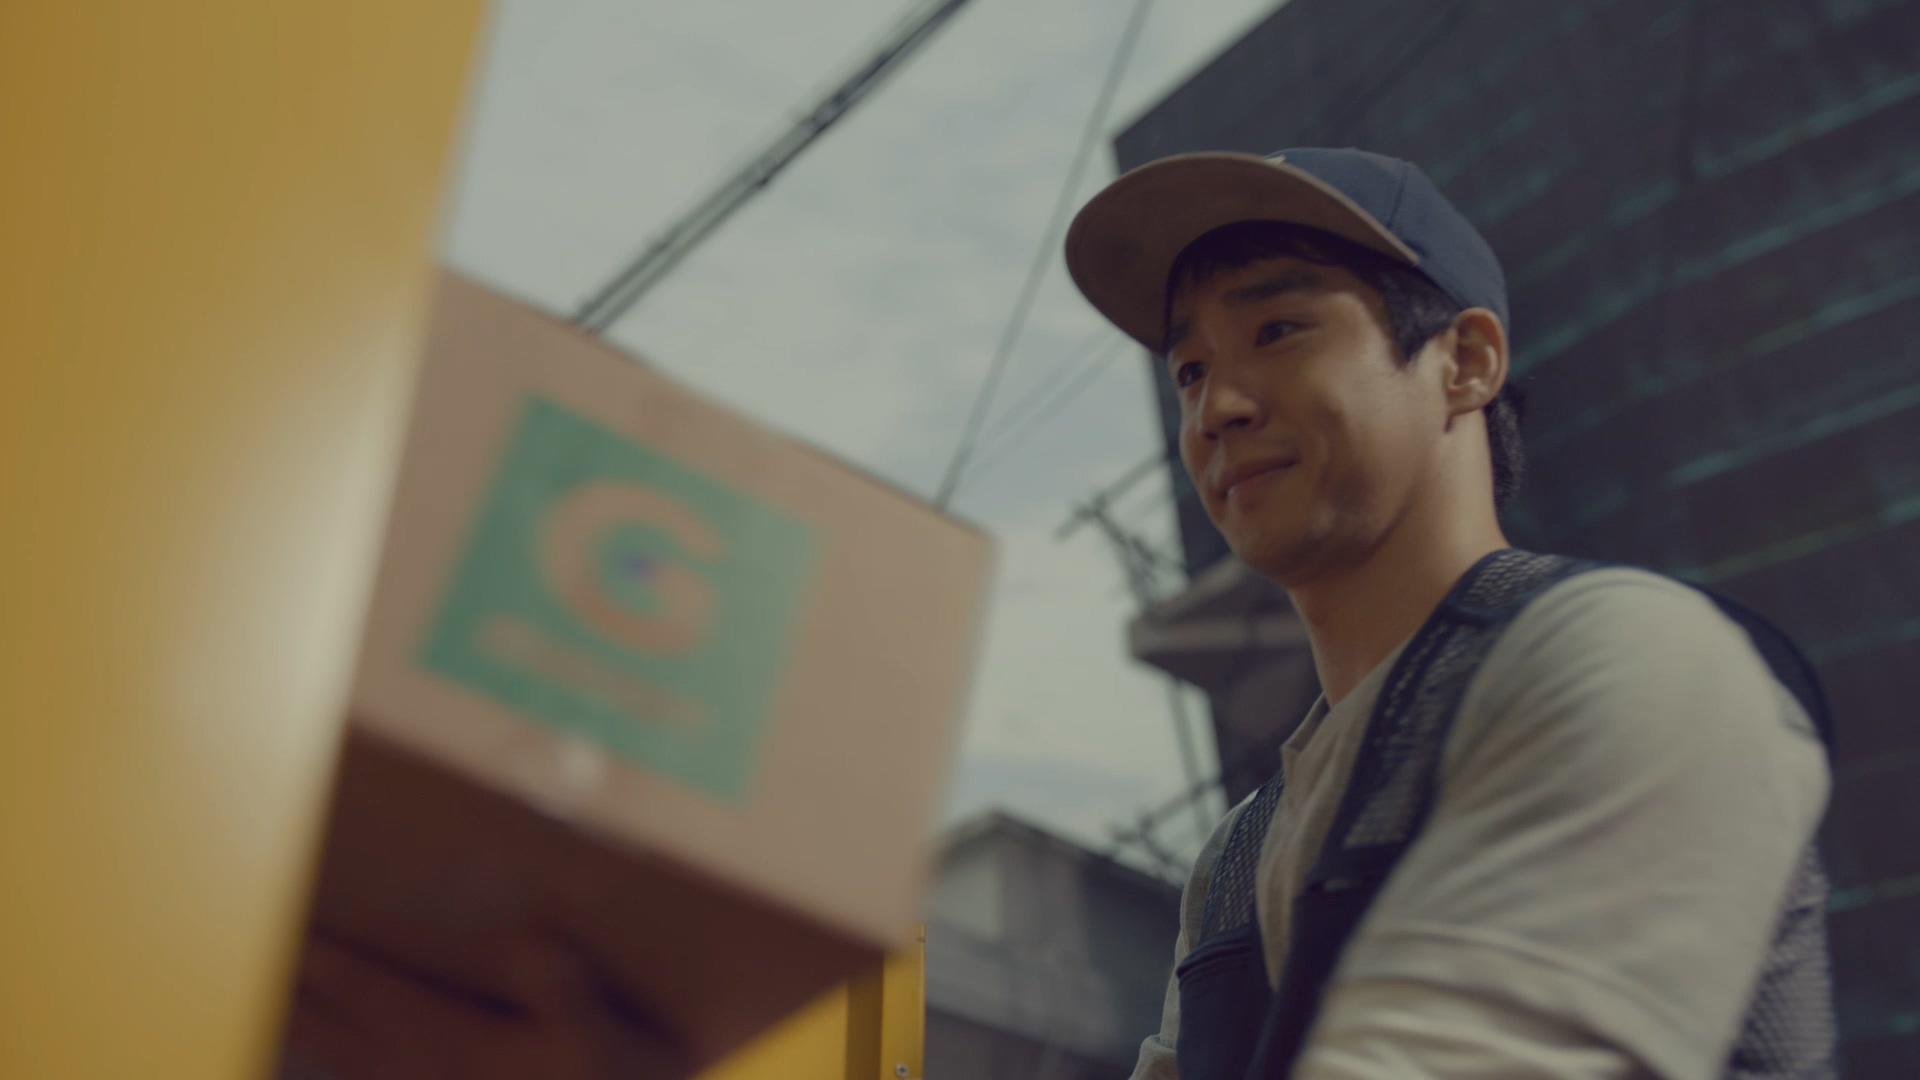 Gmarket_Smilebox_Delivery